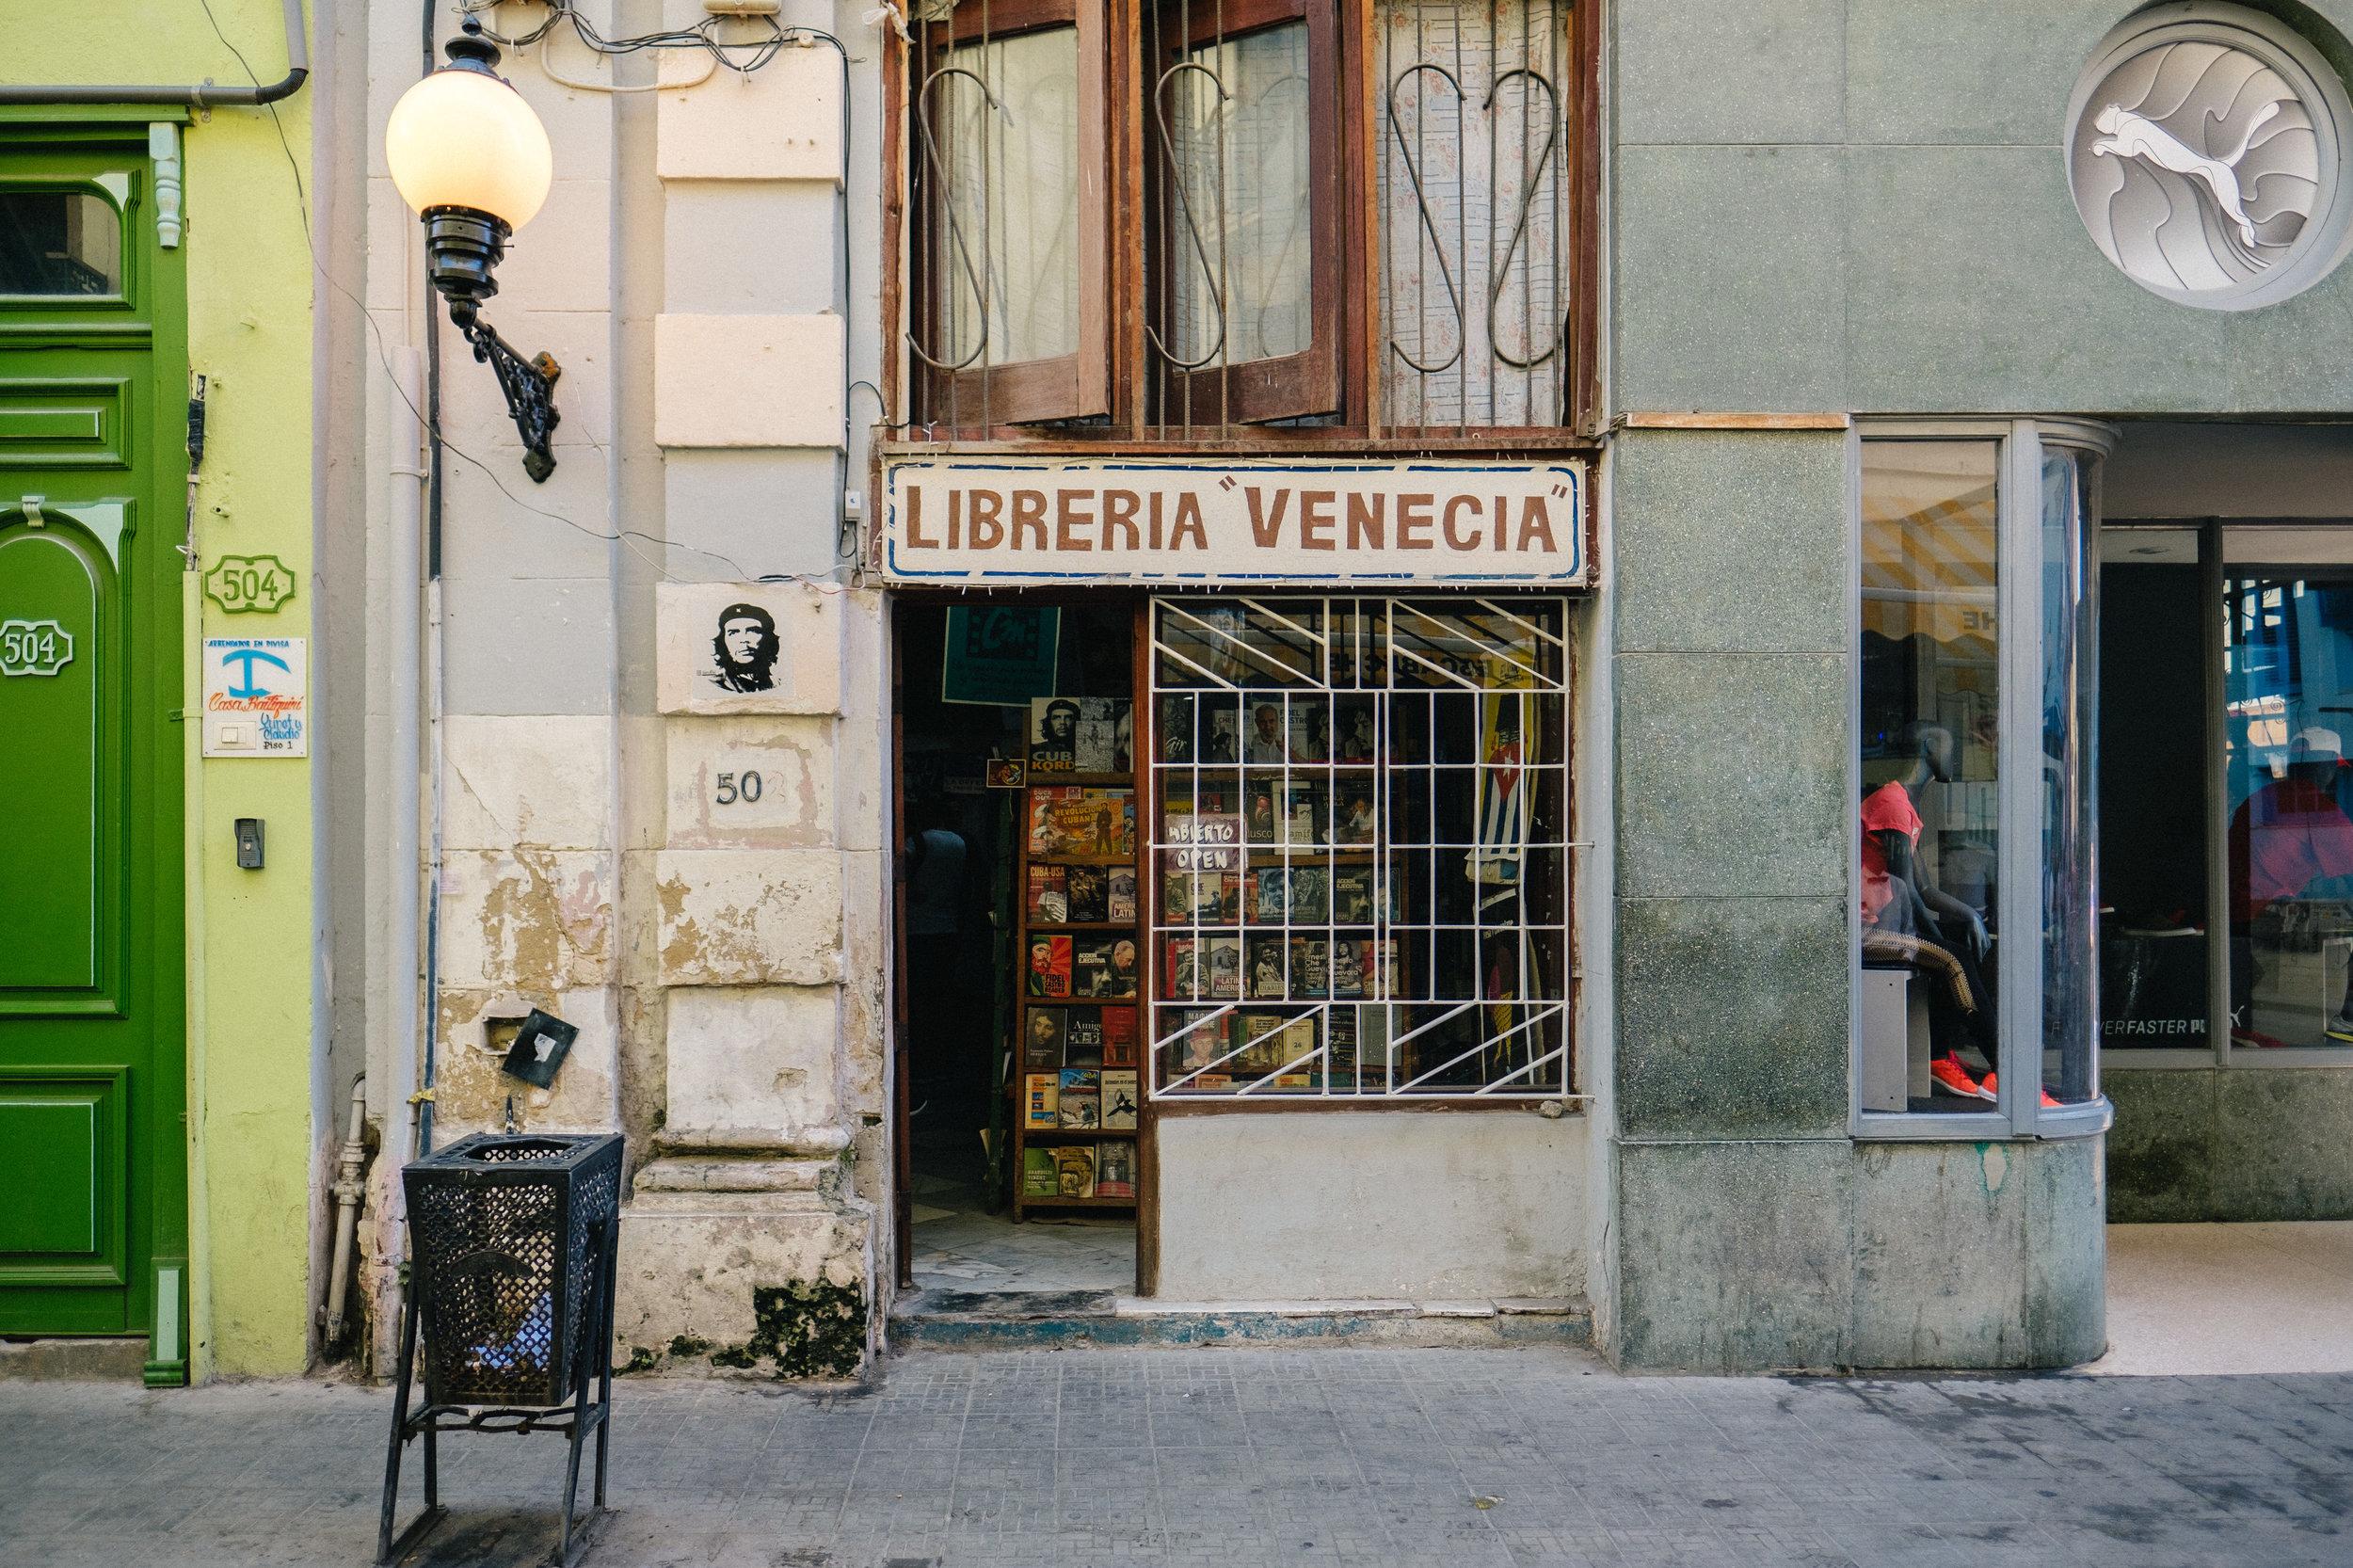 Cuba2019-56.jpg